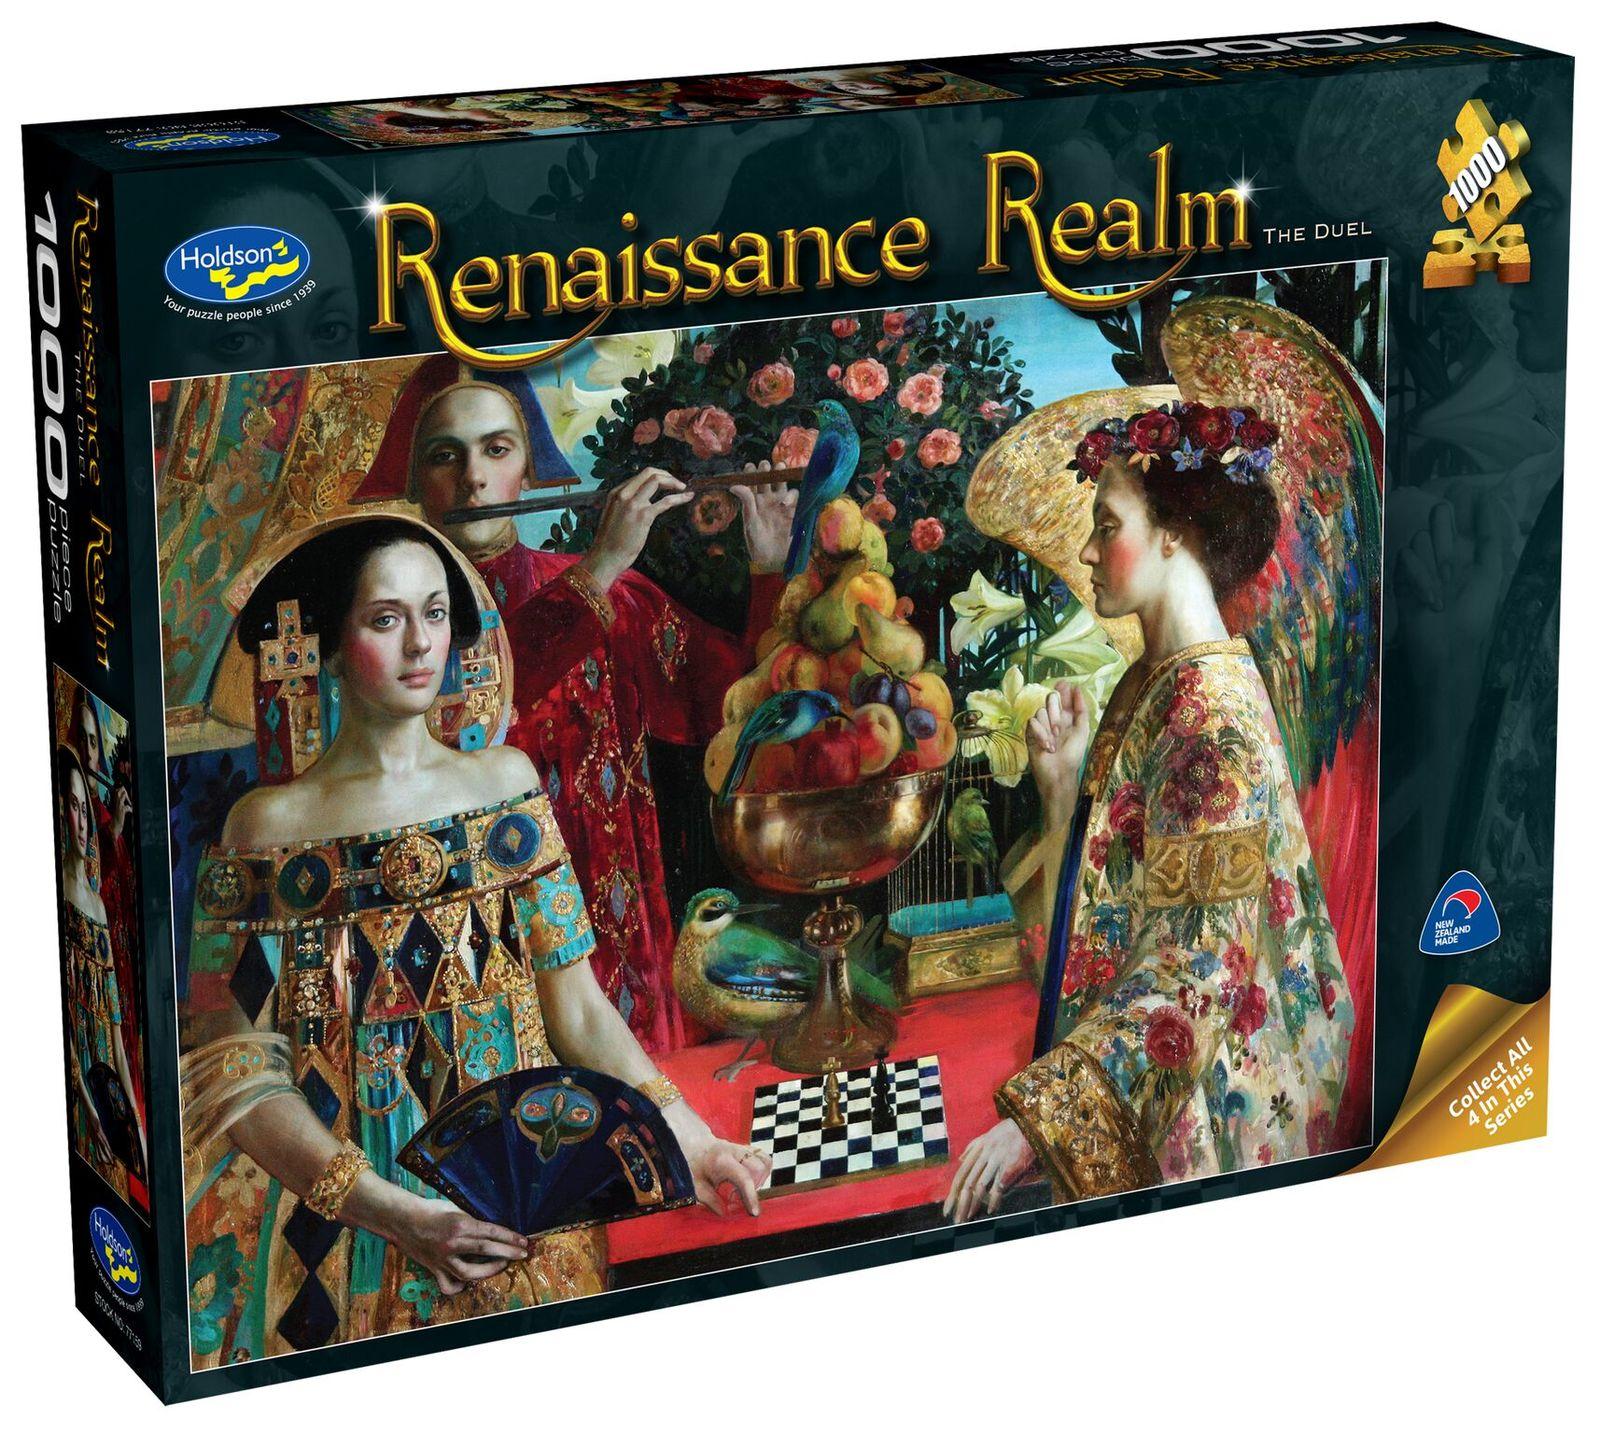 Holdson: 1000 Piece Puzzle - Renaissance Realm S2 (The Duel) image